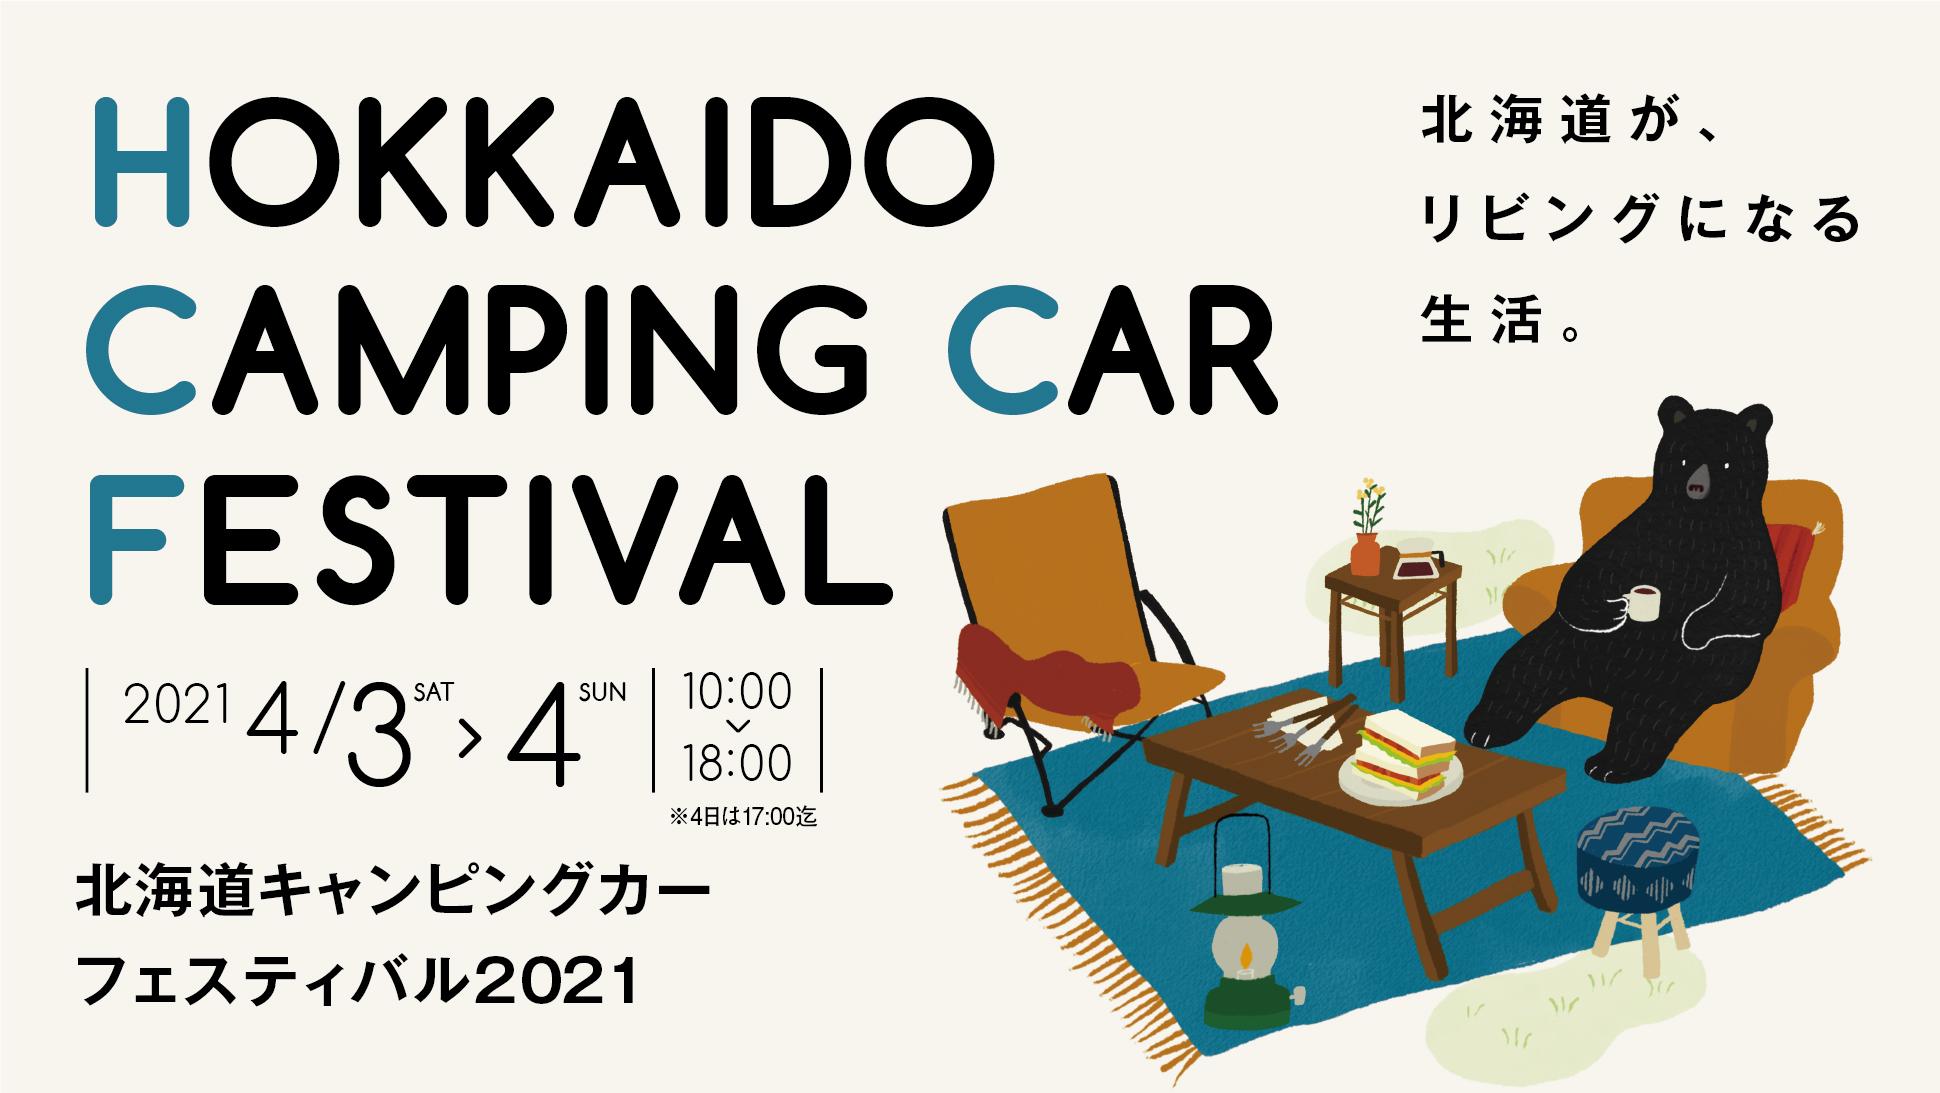 北海道キャンピングカーフェスティバル 2021